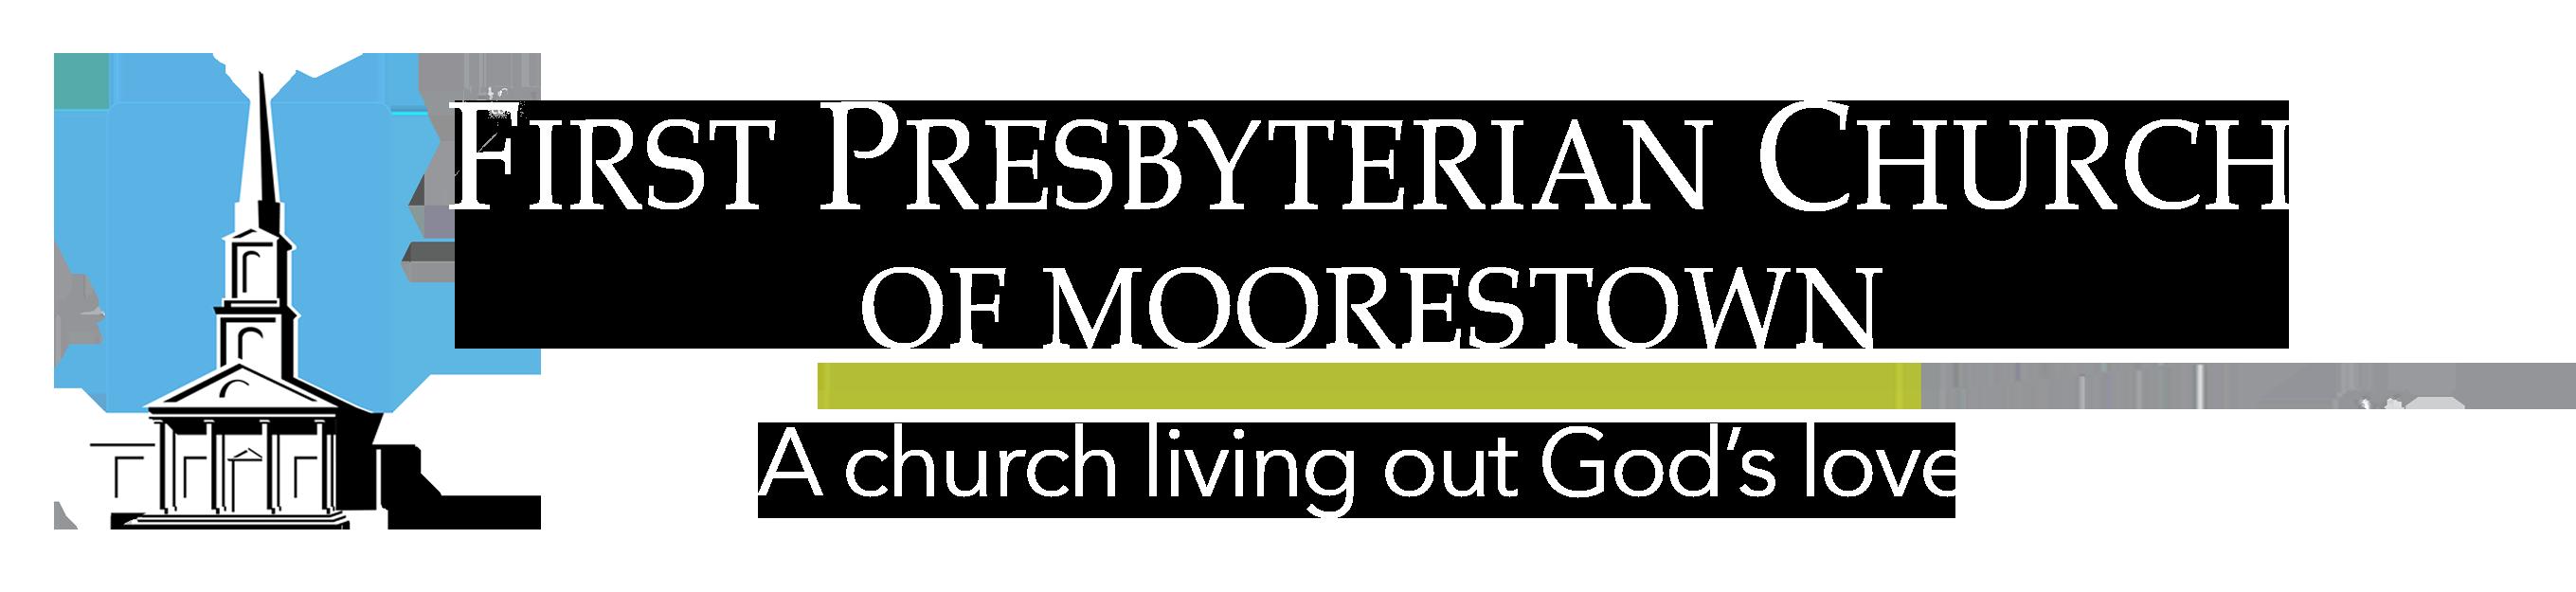 FPC Moorestown